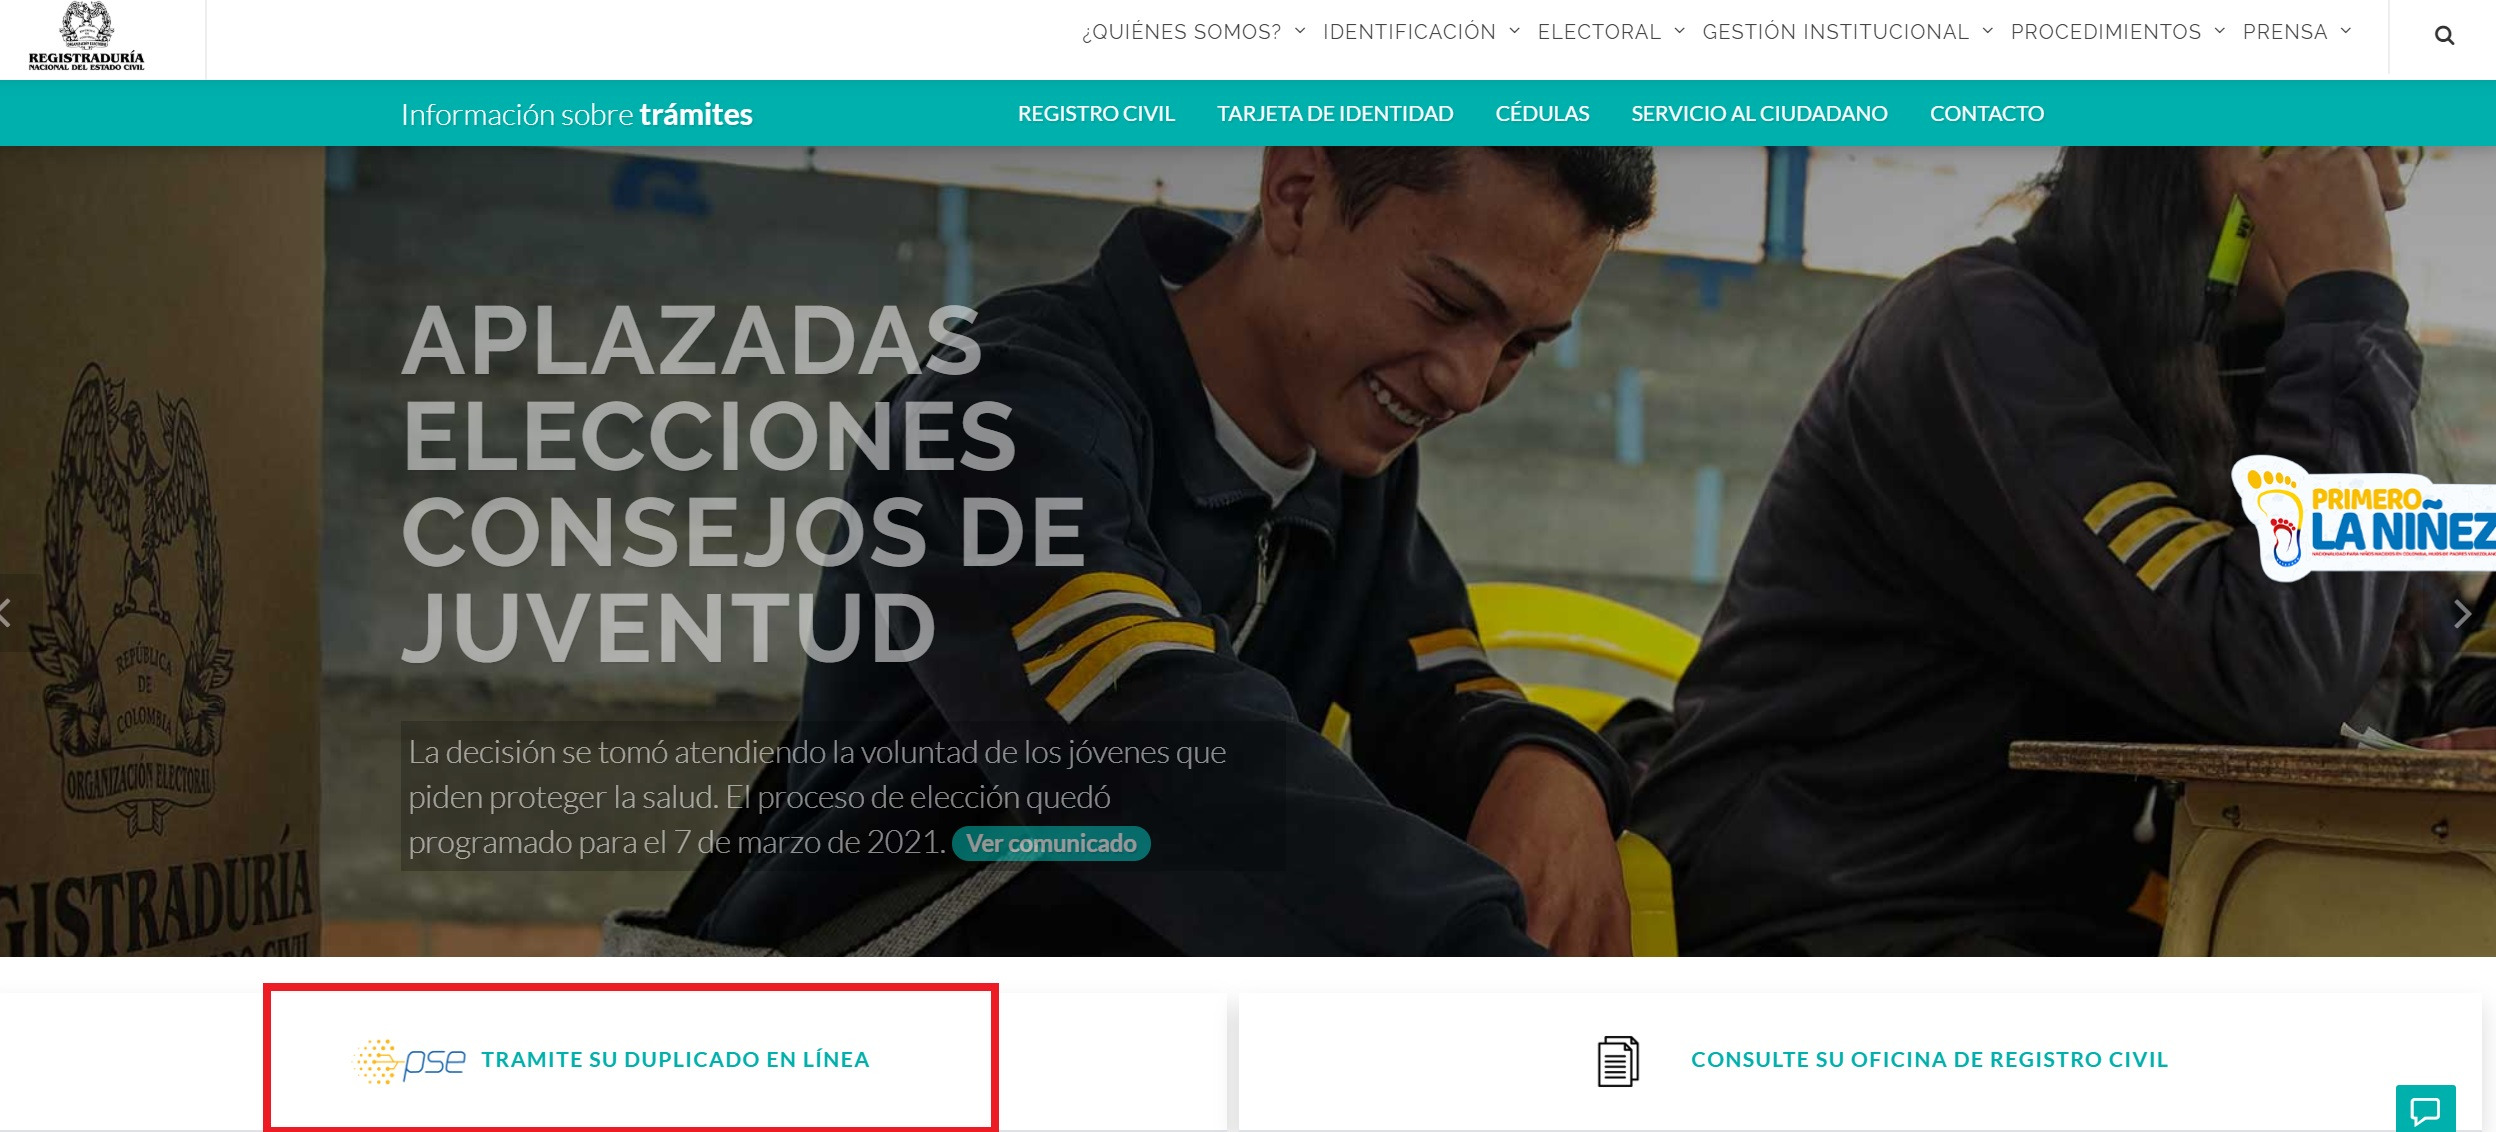 Sección de cédulas en el sitio web de la Registraduría